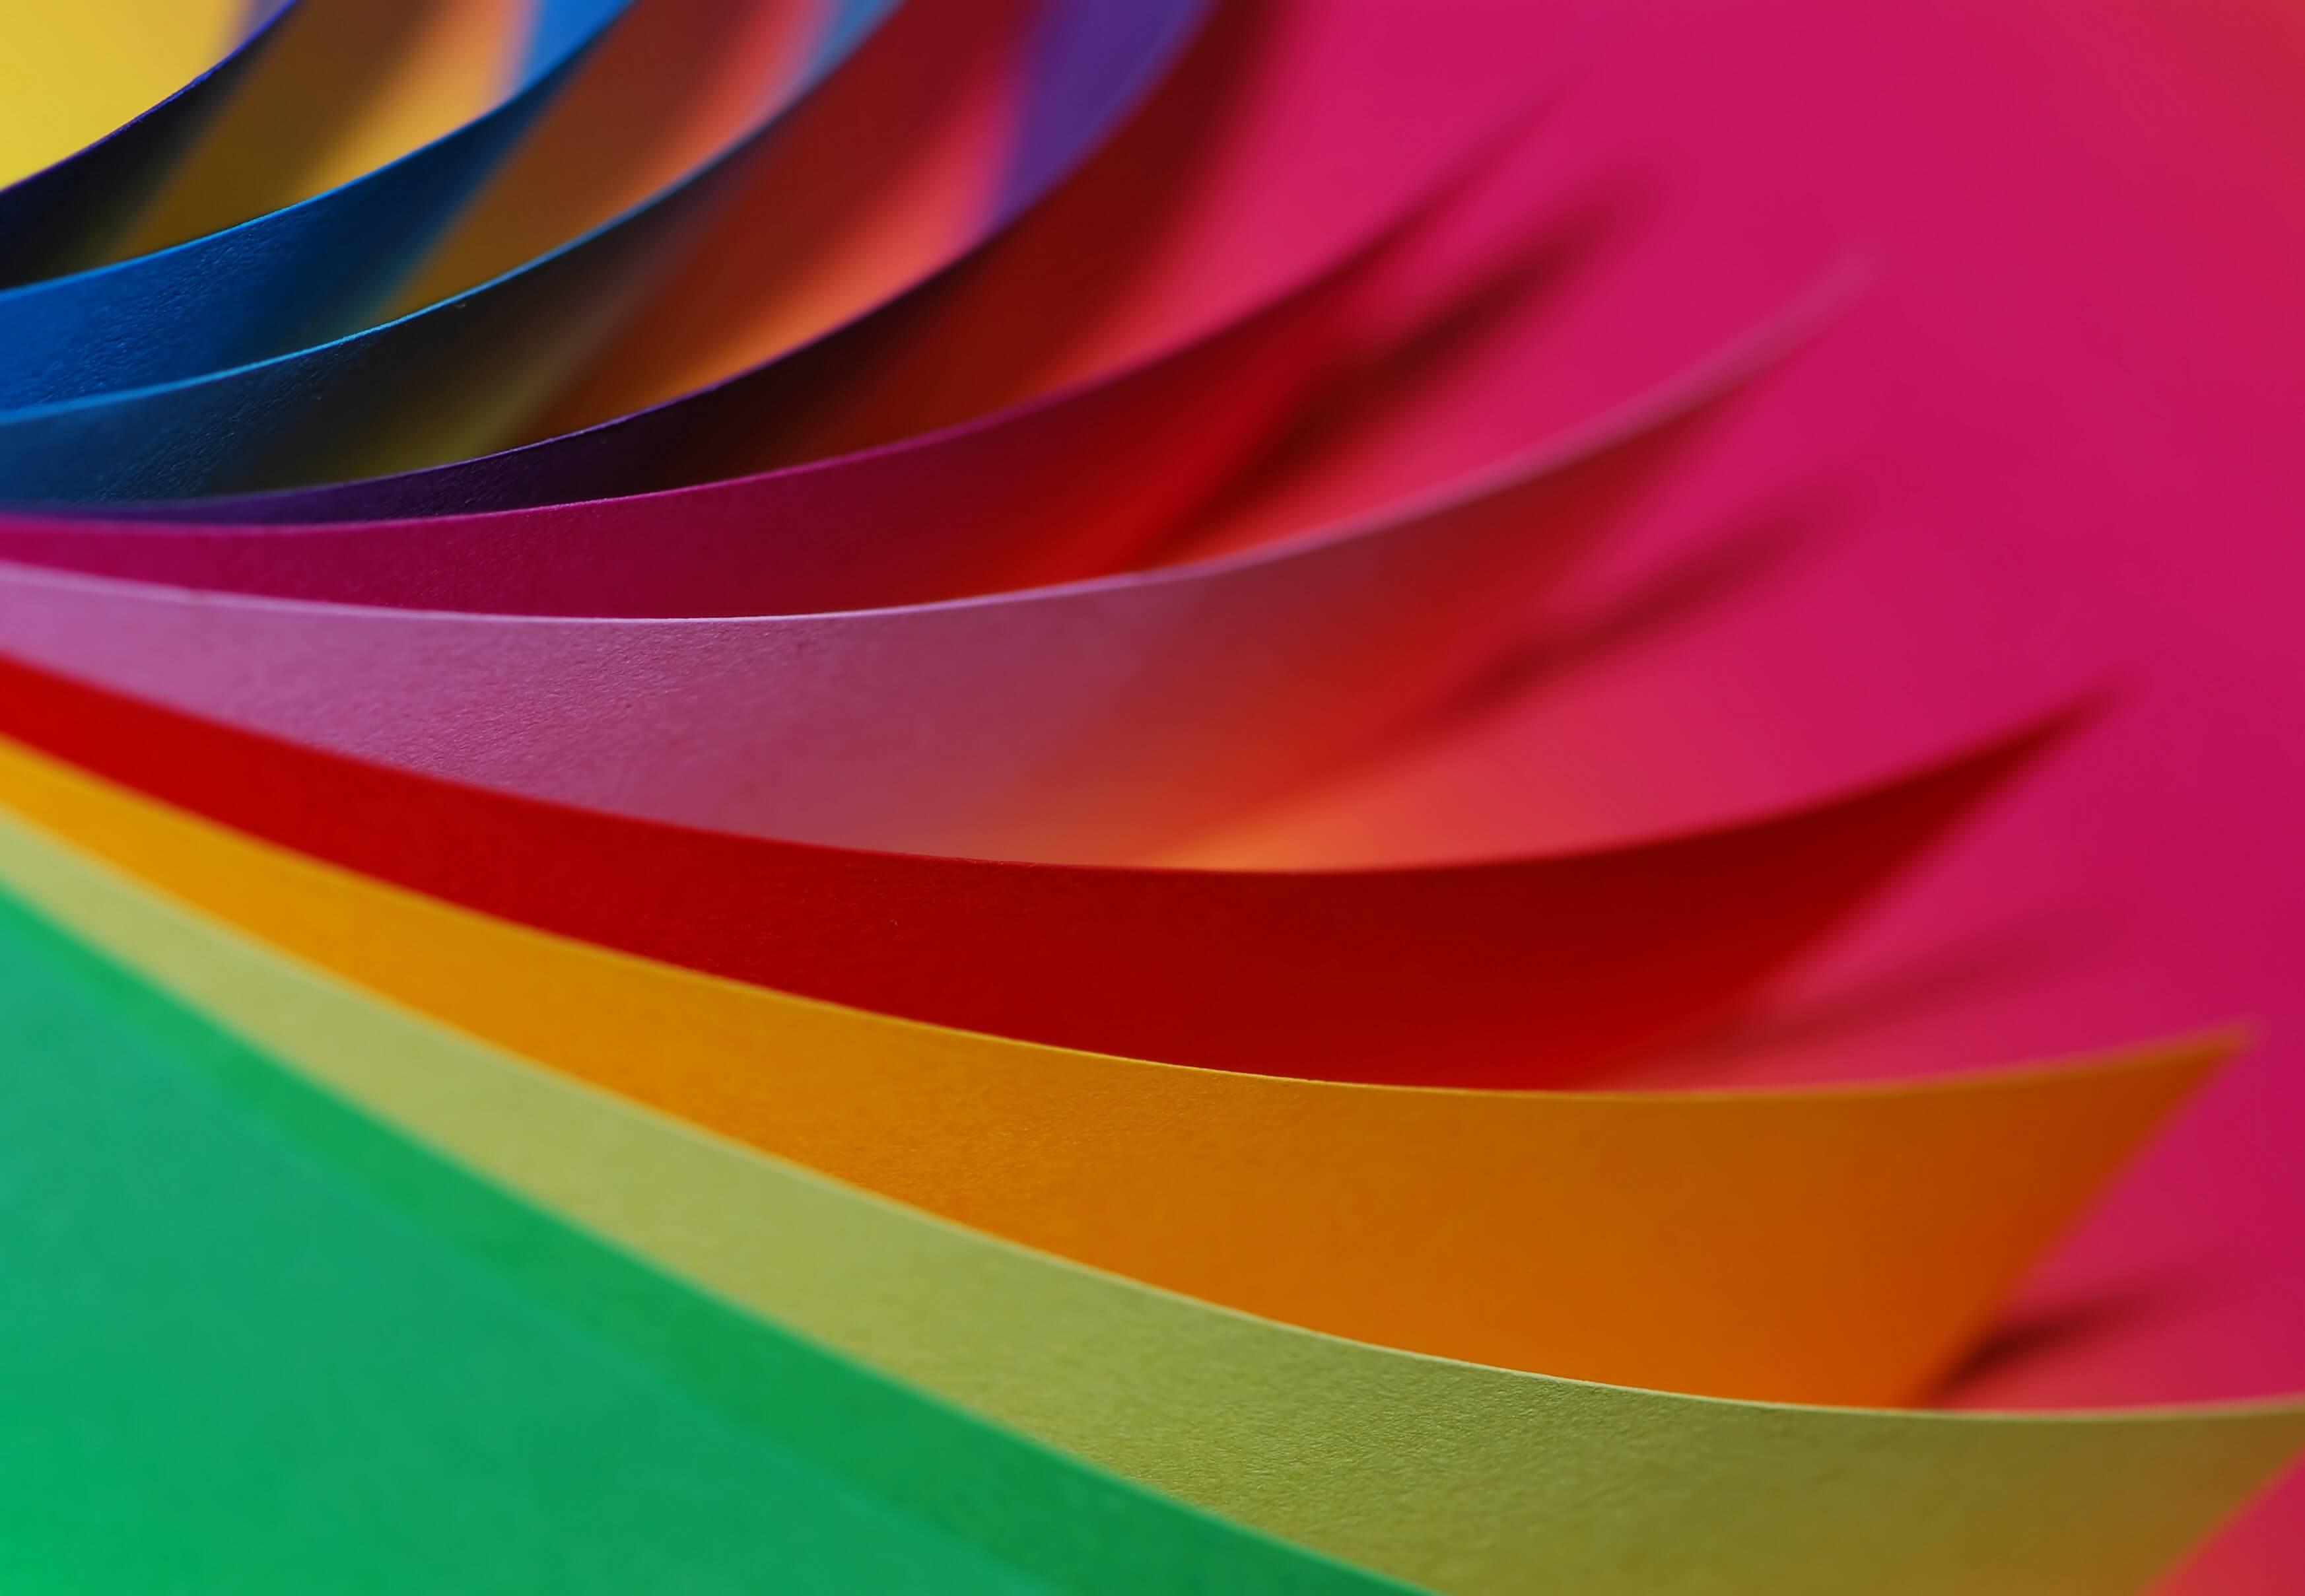 imprimir sobre cartulinas de colores